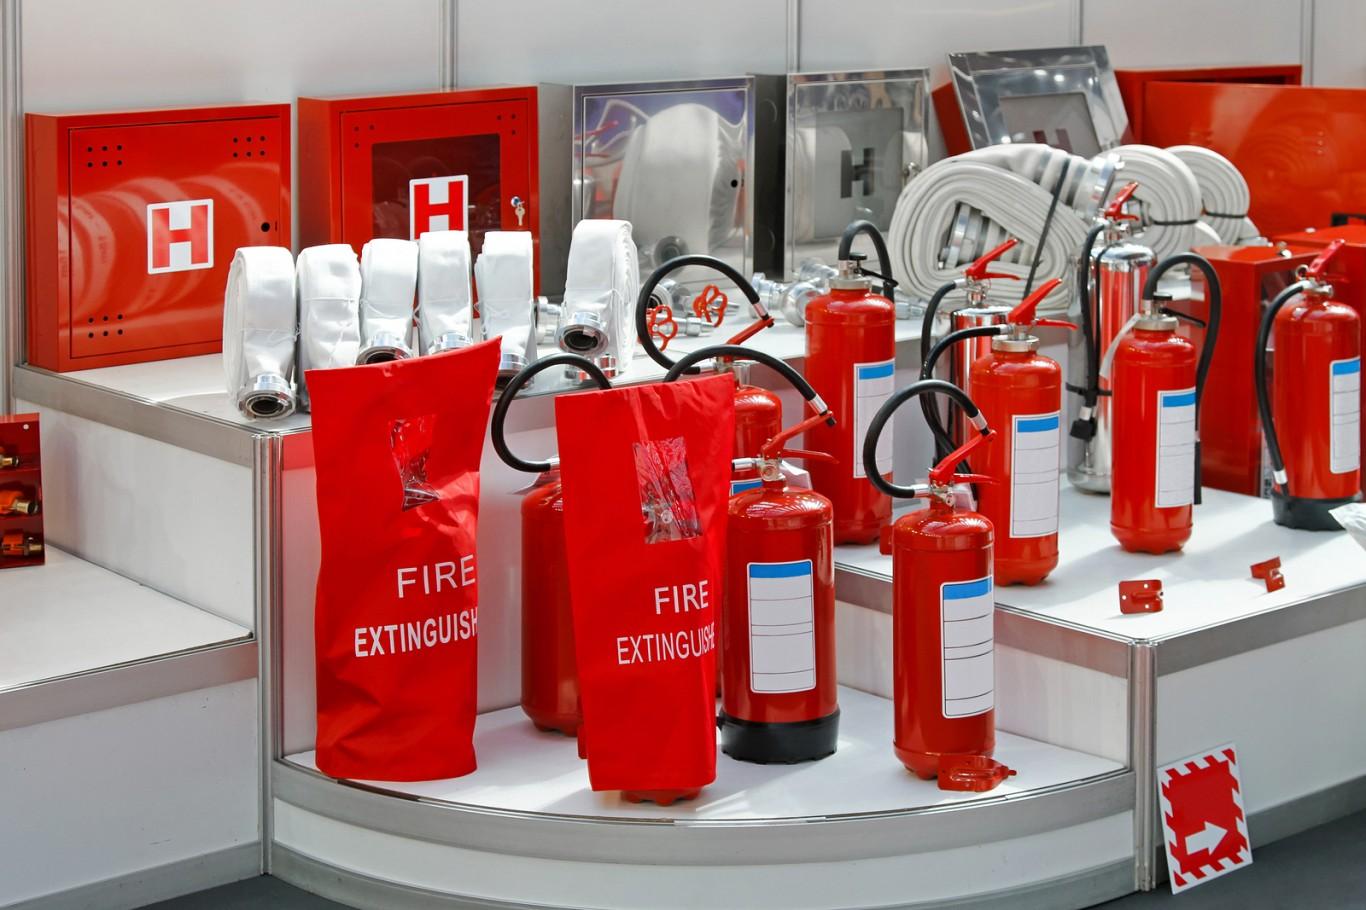 Dịch vụ làm giấy phép chứng nhận phòng cháy chữa cháy PCCC.